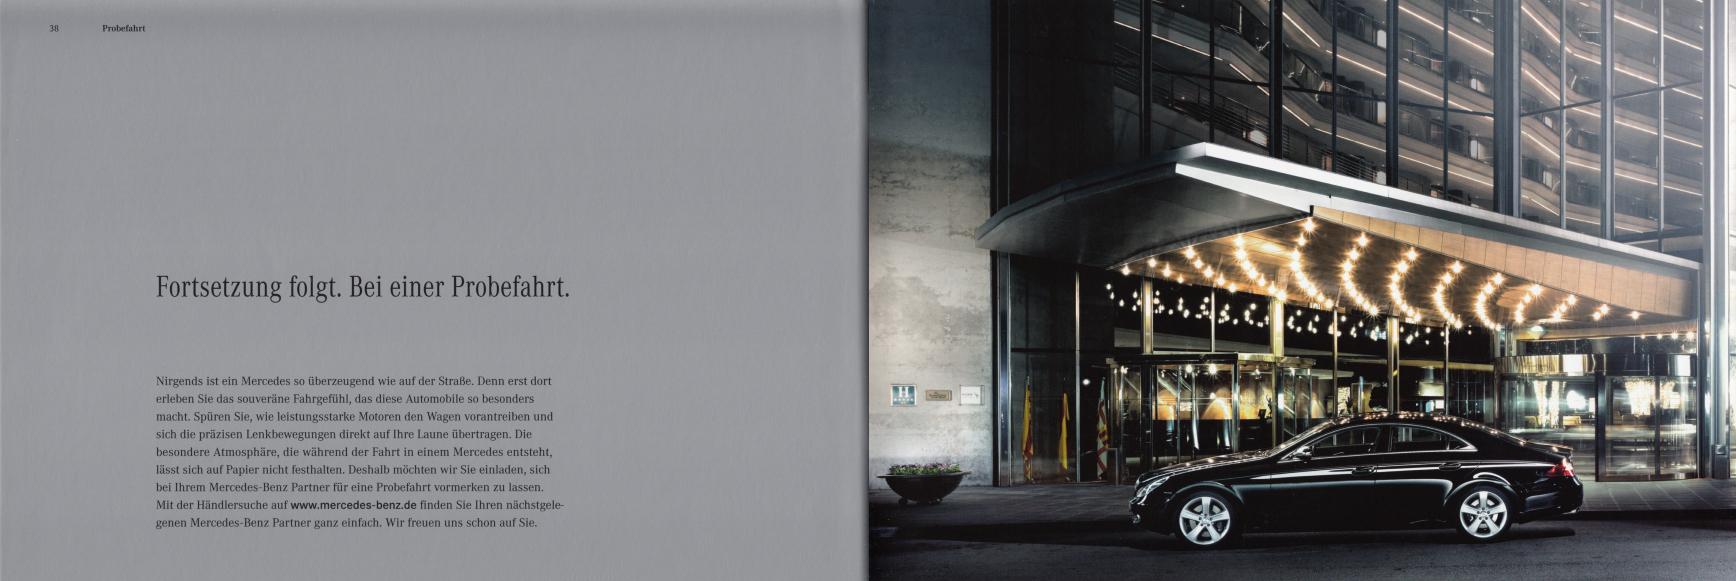 (C219): Catálogo 2008 - alemão 021